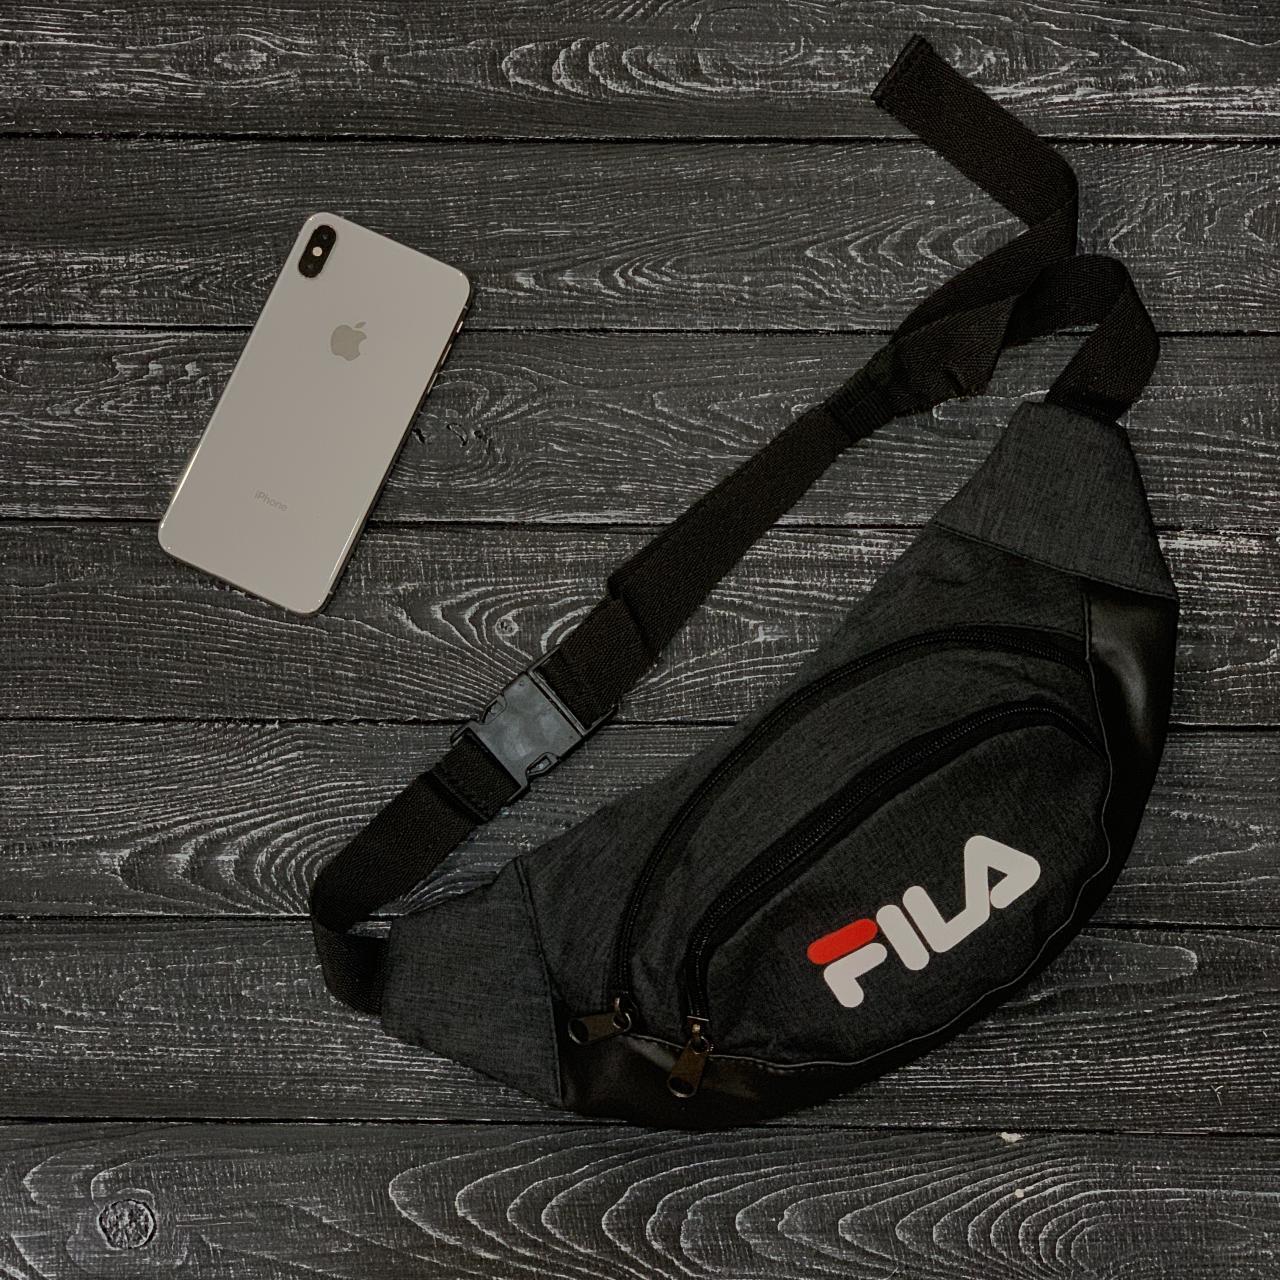 Поясная сумка, бананка, сумка на пояс FILA, цвет черный, фото 1